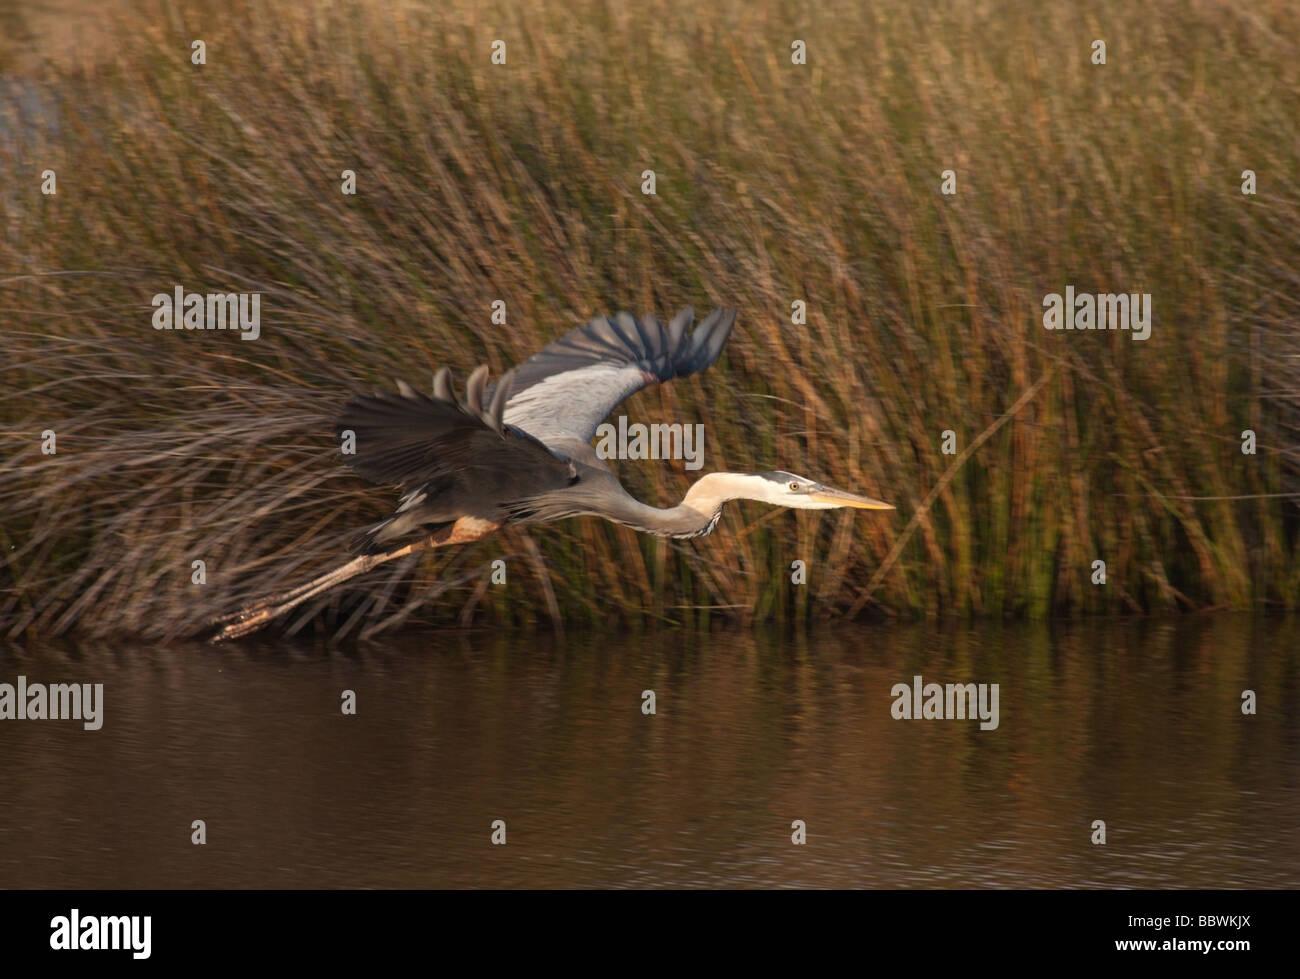 Great Blue Heron en vuelo, el Refugio Nacional de Vida Silvestre de San Marcos, Florida Foto de stock